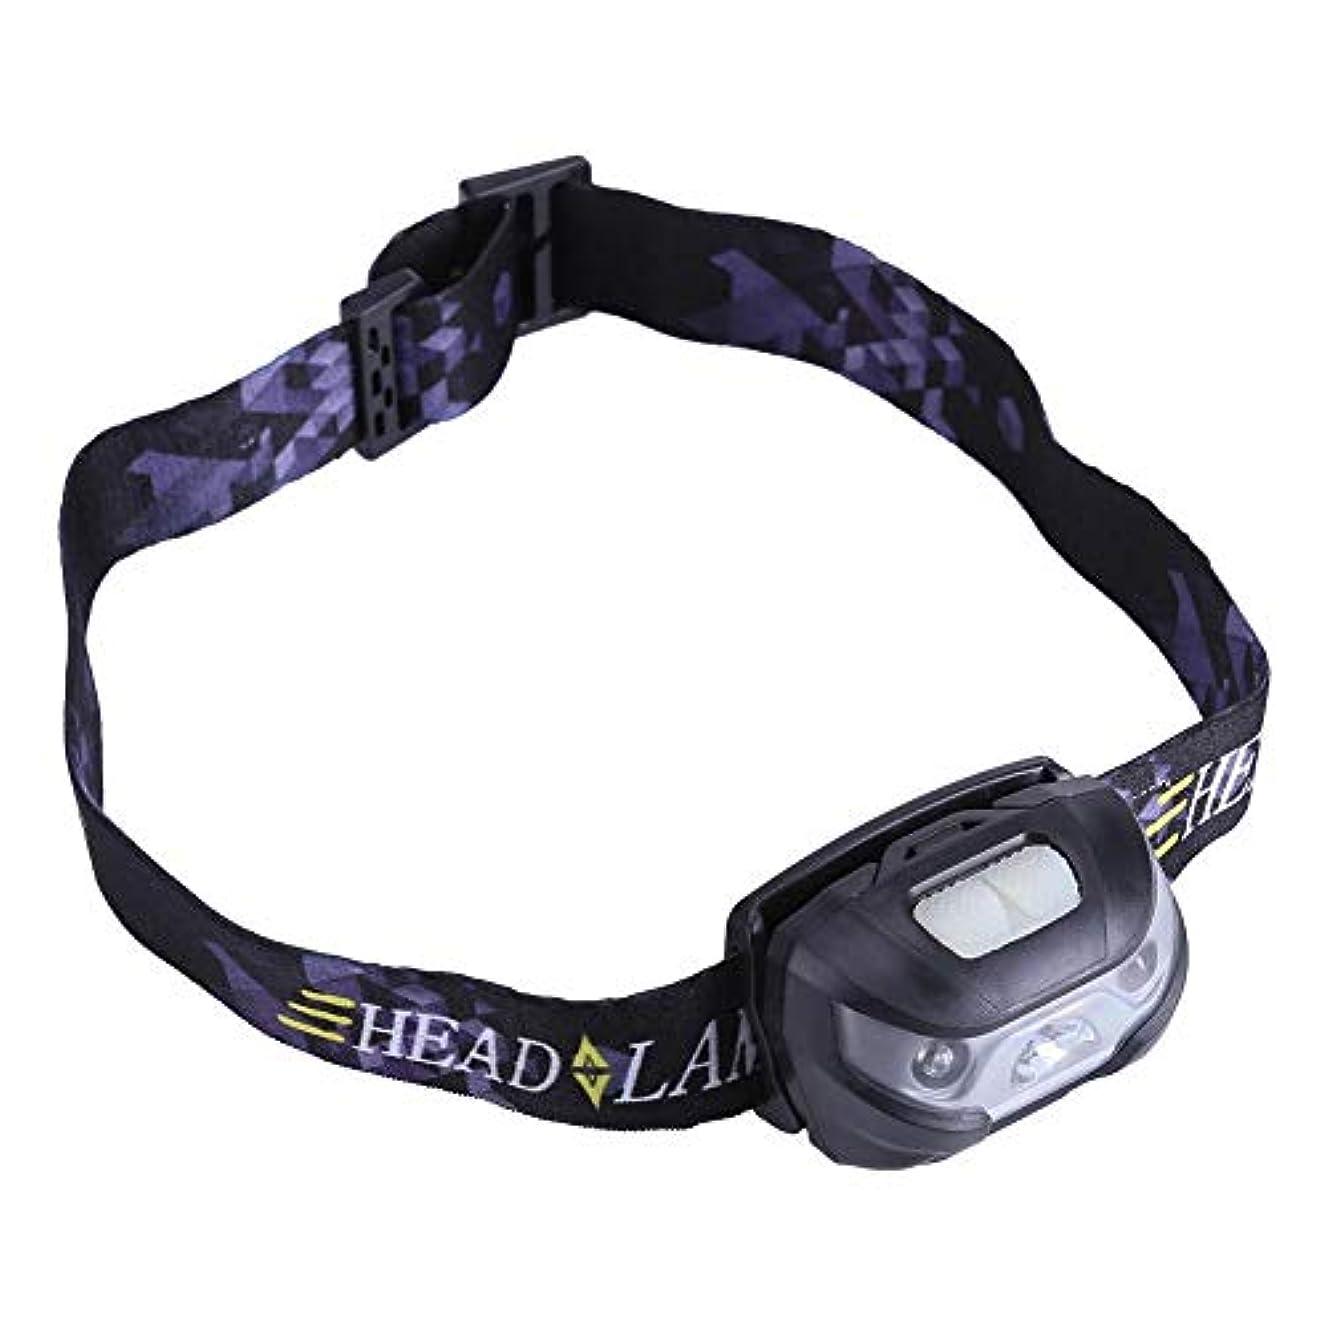 アイロニー汚れた見捨てるQiilu ヘッドライト LEDヘッドランプ USB充電式 160ルーメン センサー機能 IPX4防水 小型軽量 角度調整可 登山 キャンプ サイクリング ハイキング 防災 非常時用(グレー)